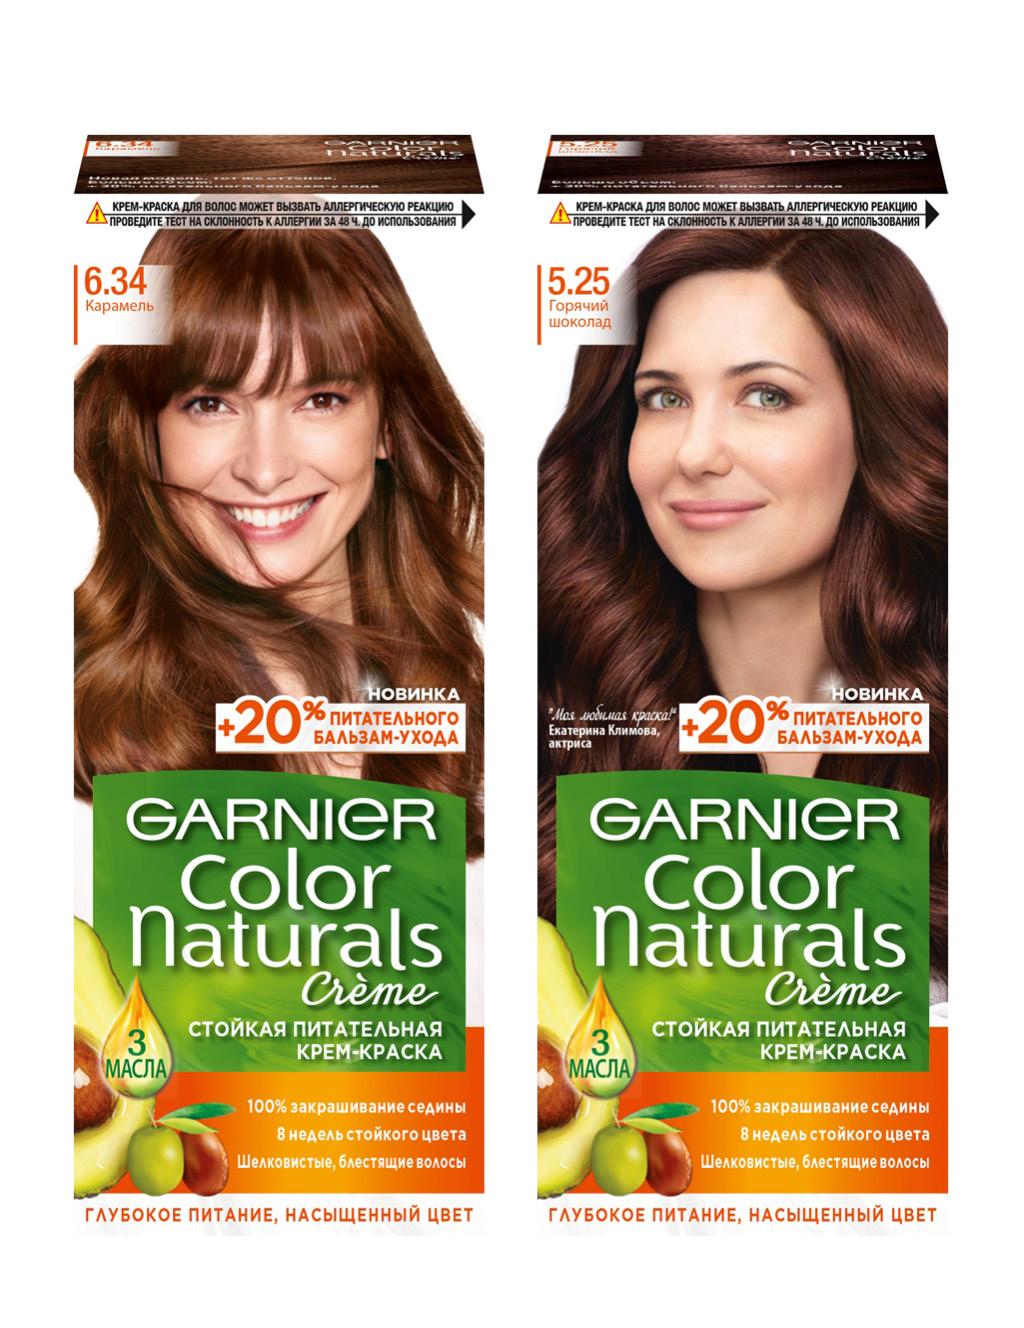 Краска для волос Garnier Color Naturals тон 6.34 (Карамель)